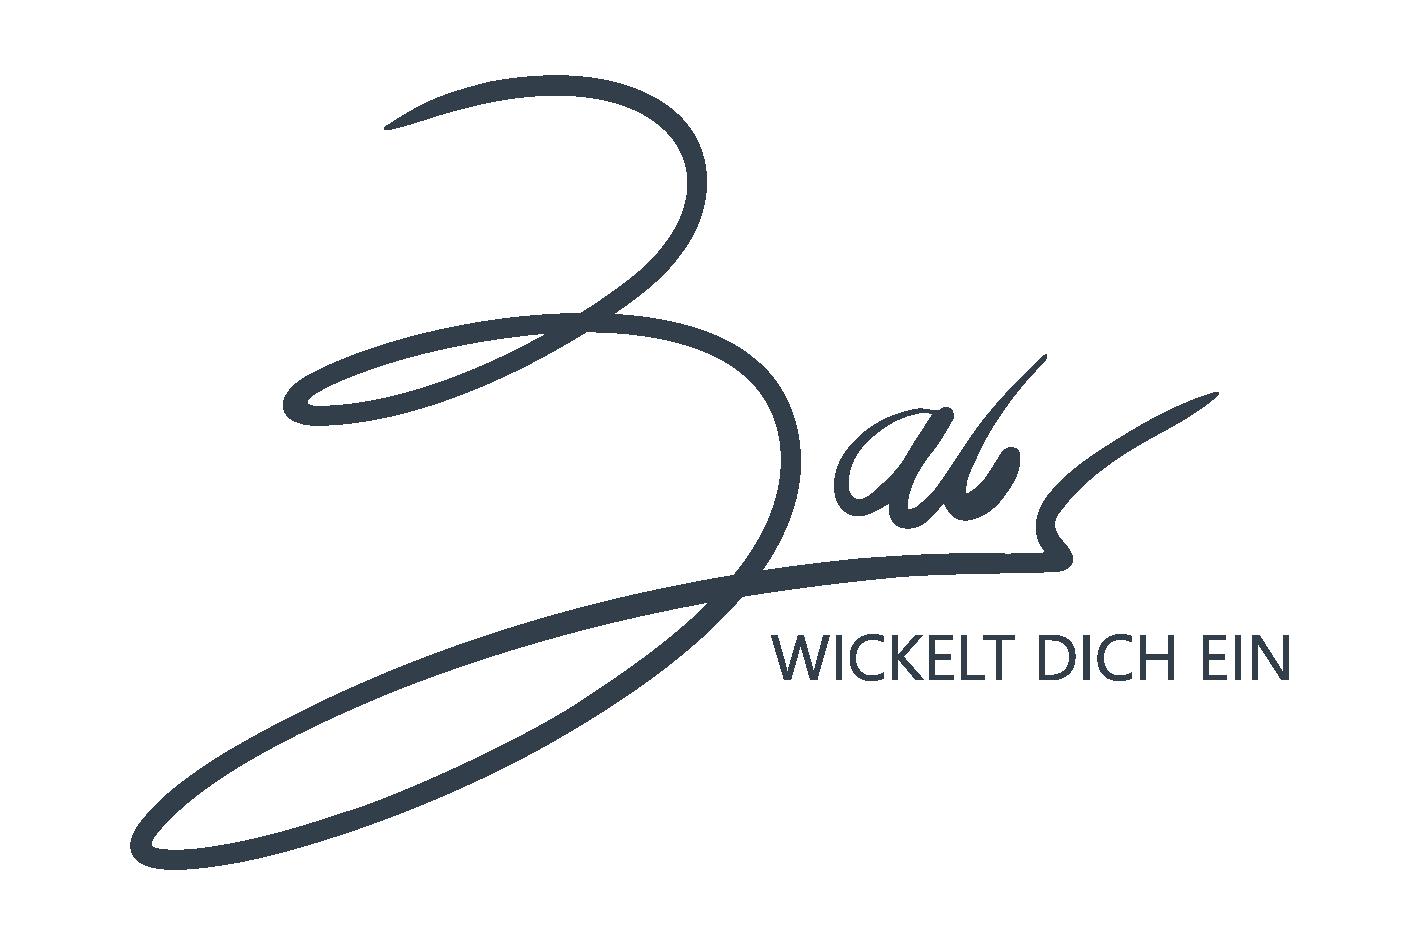 BABS wickelt dich ein Logo